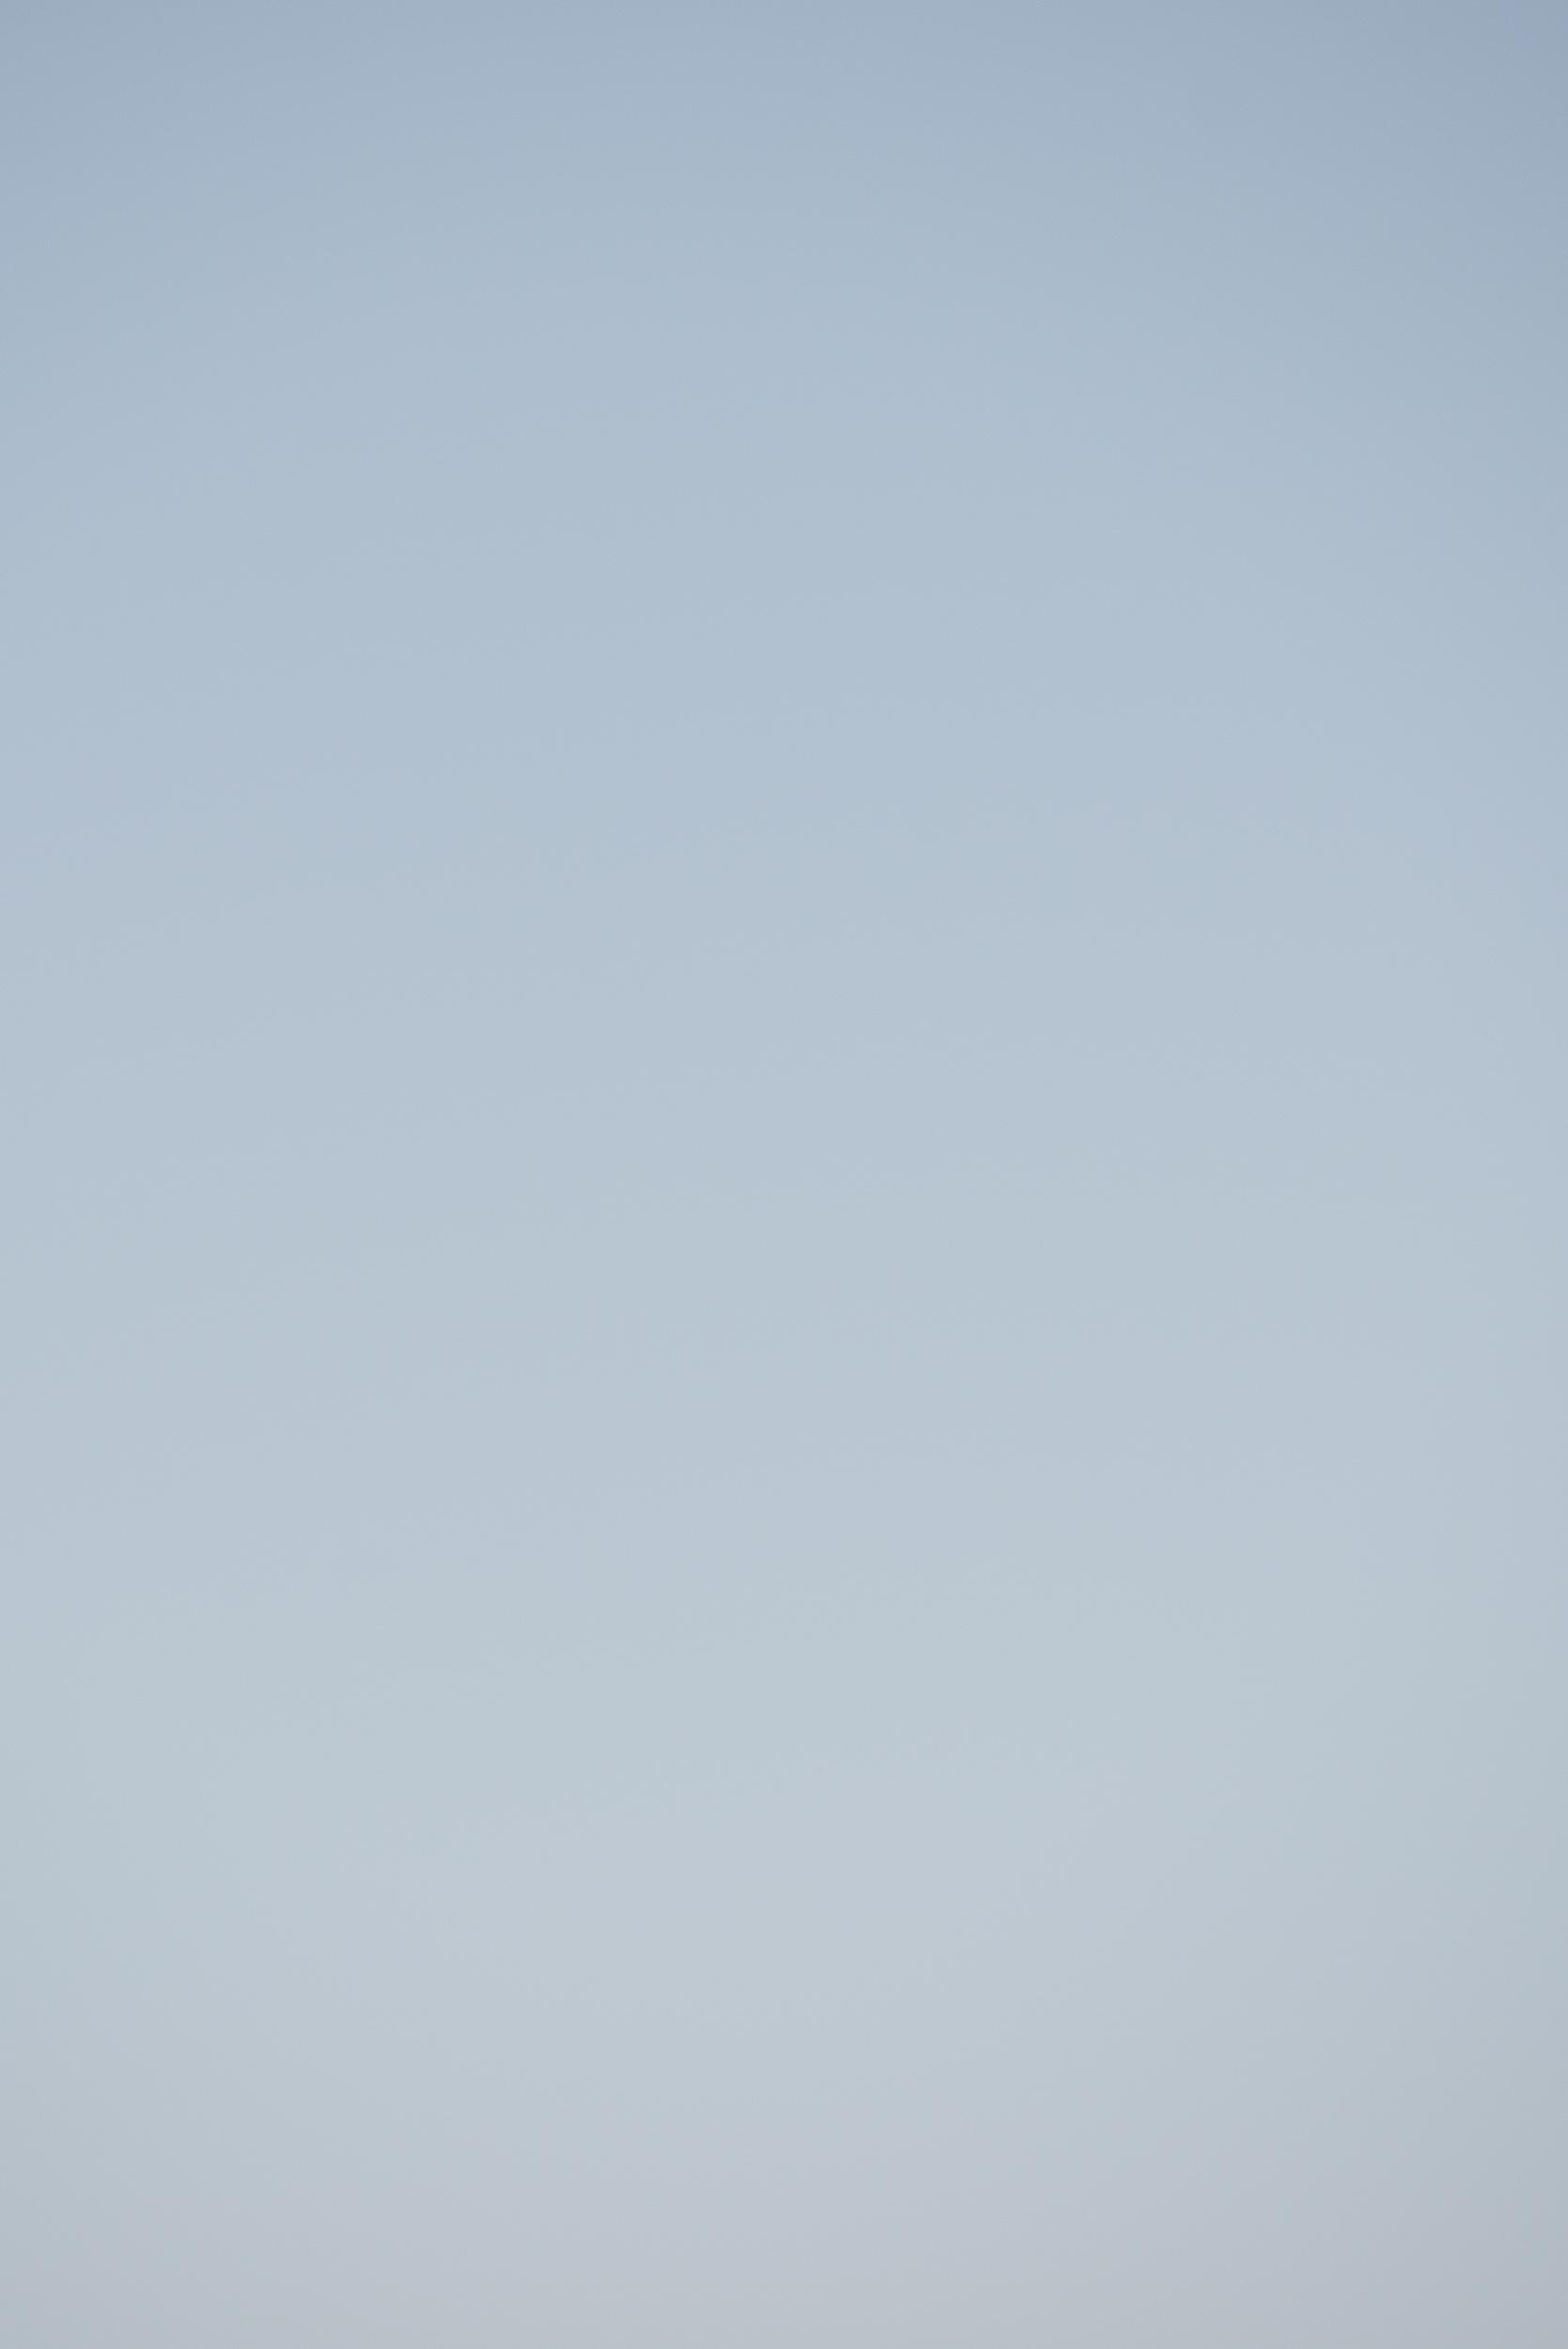 Skyscape 8718